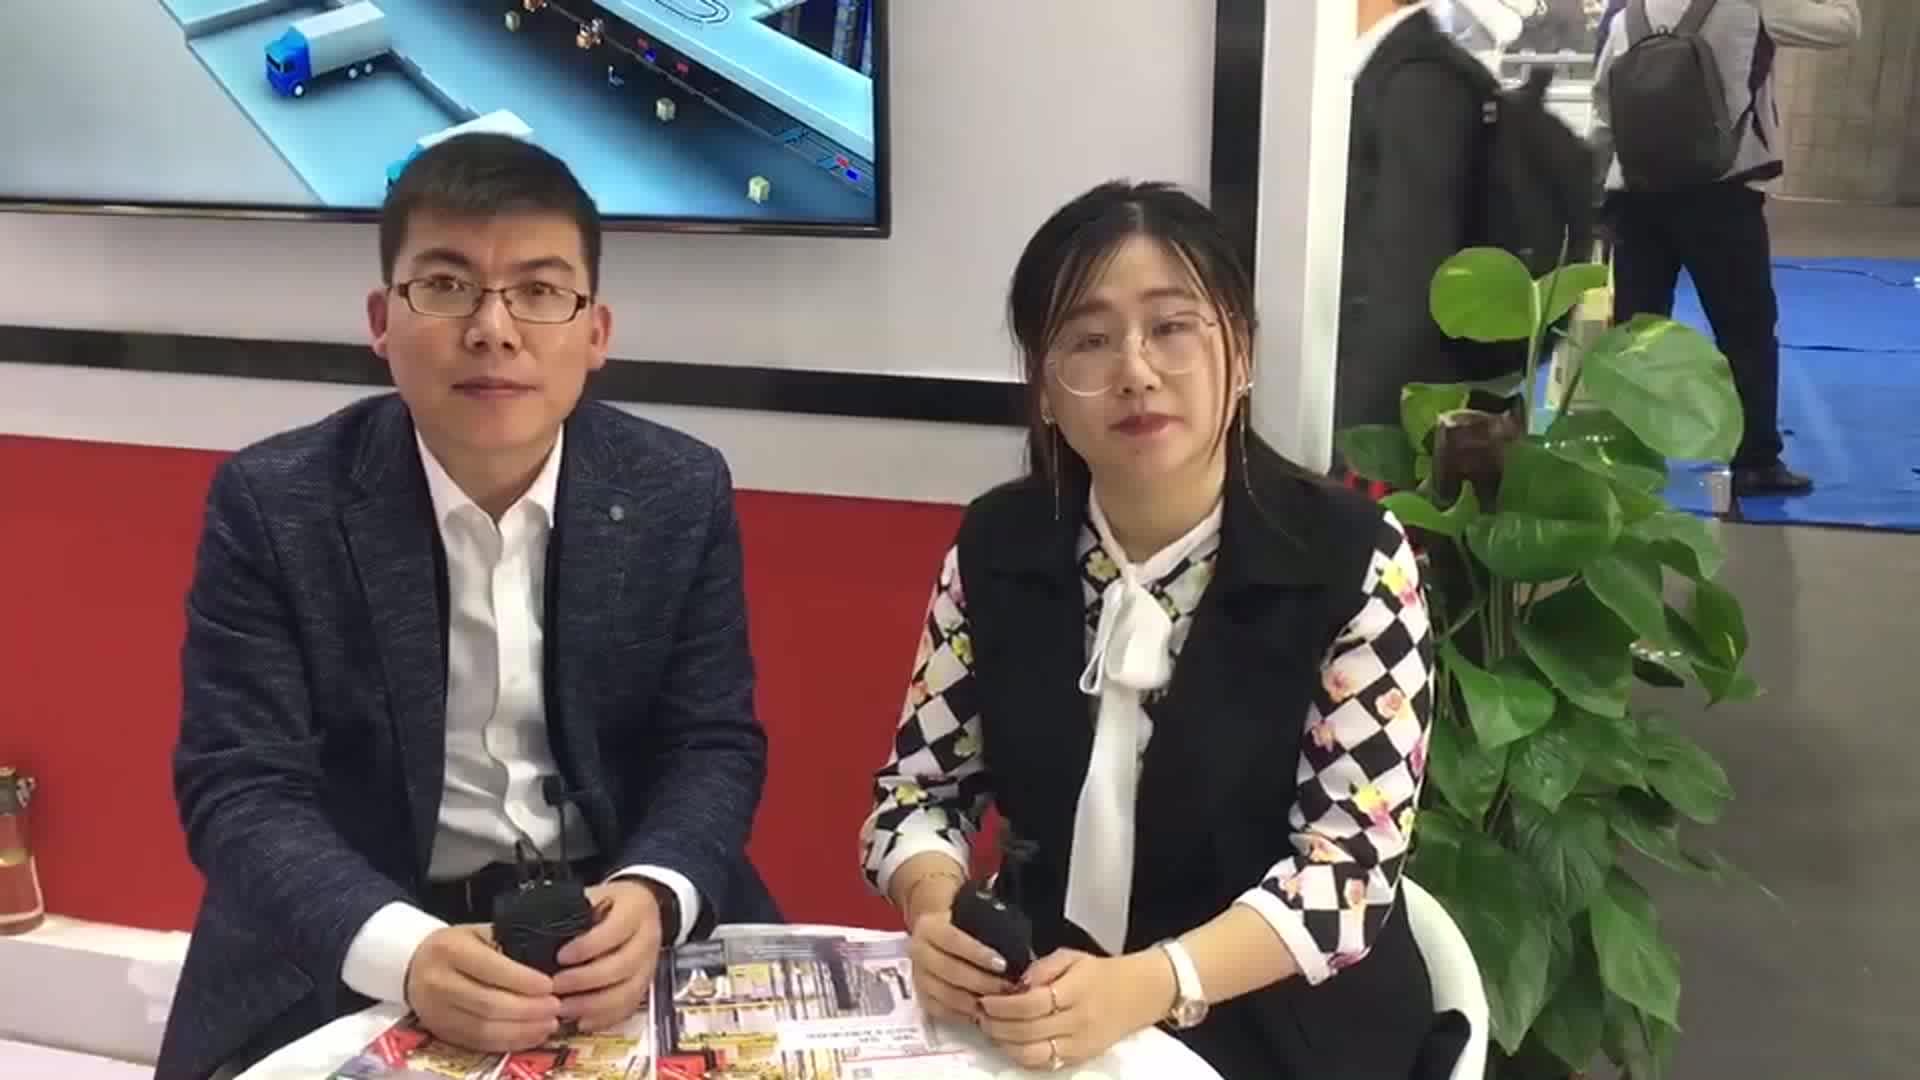 【高科物流】江苏高科物流科技股份有限公司副总经理、技术总监 张春江先生